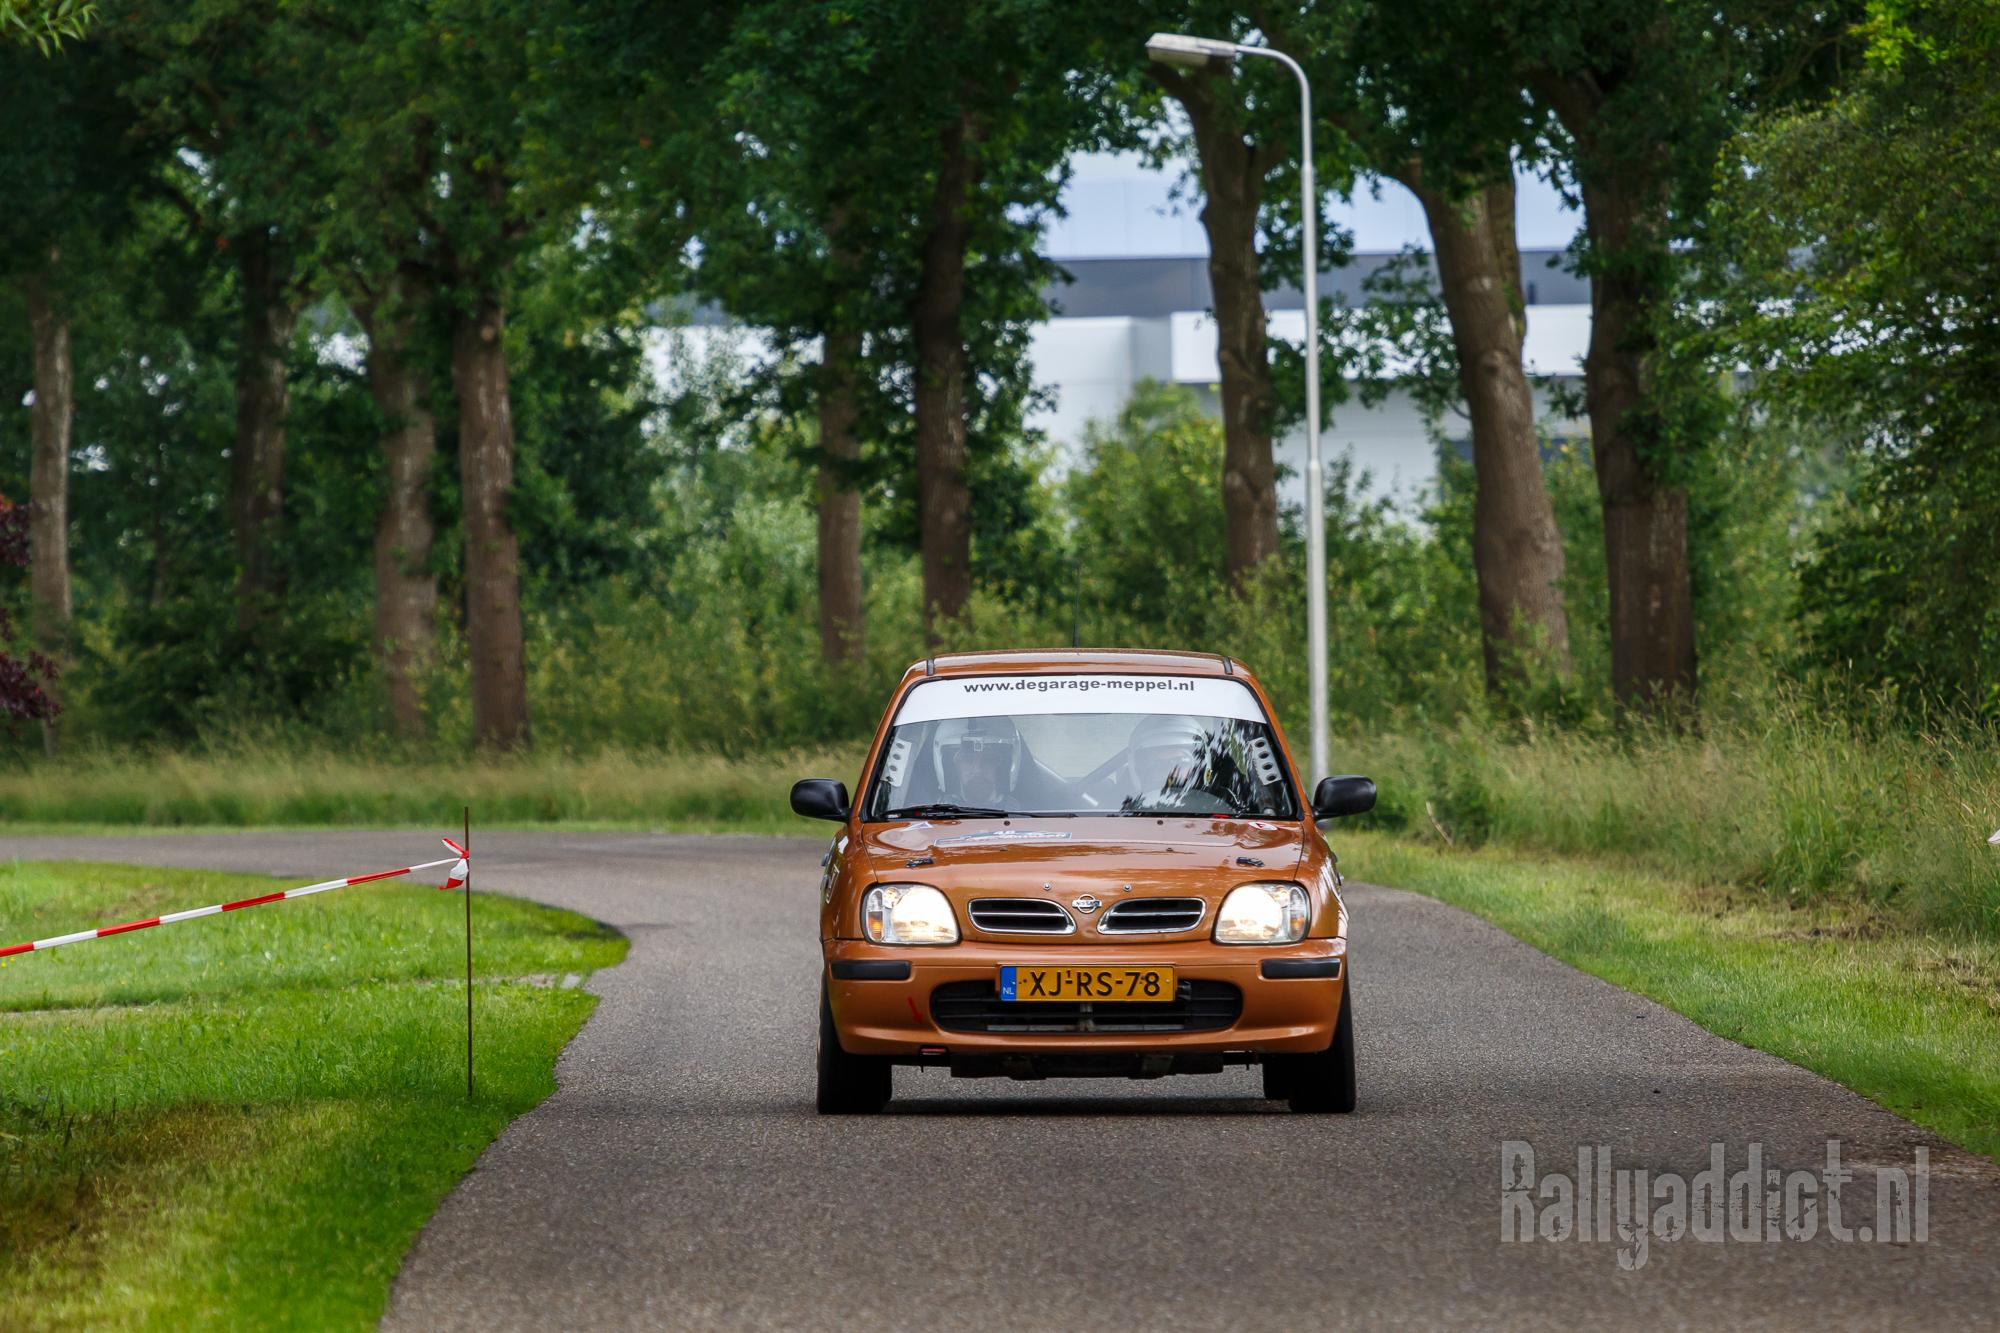 Ivo_Rijniersce-rallyaddict-vechtdal-IR5D2281